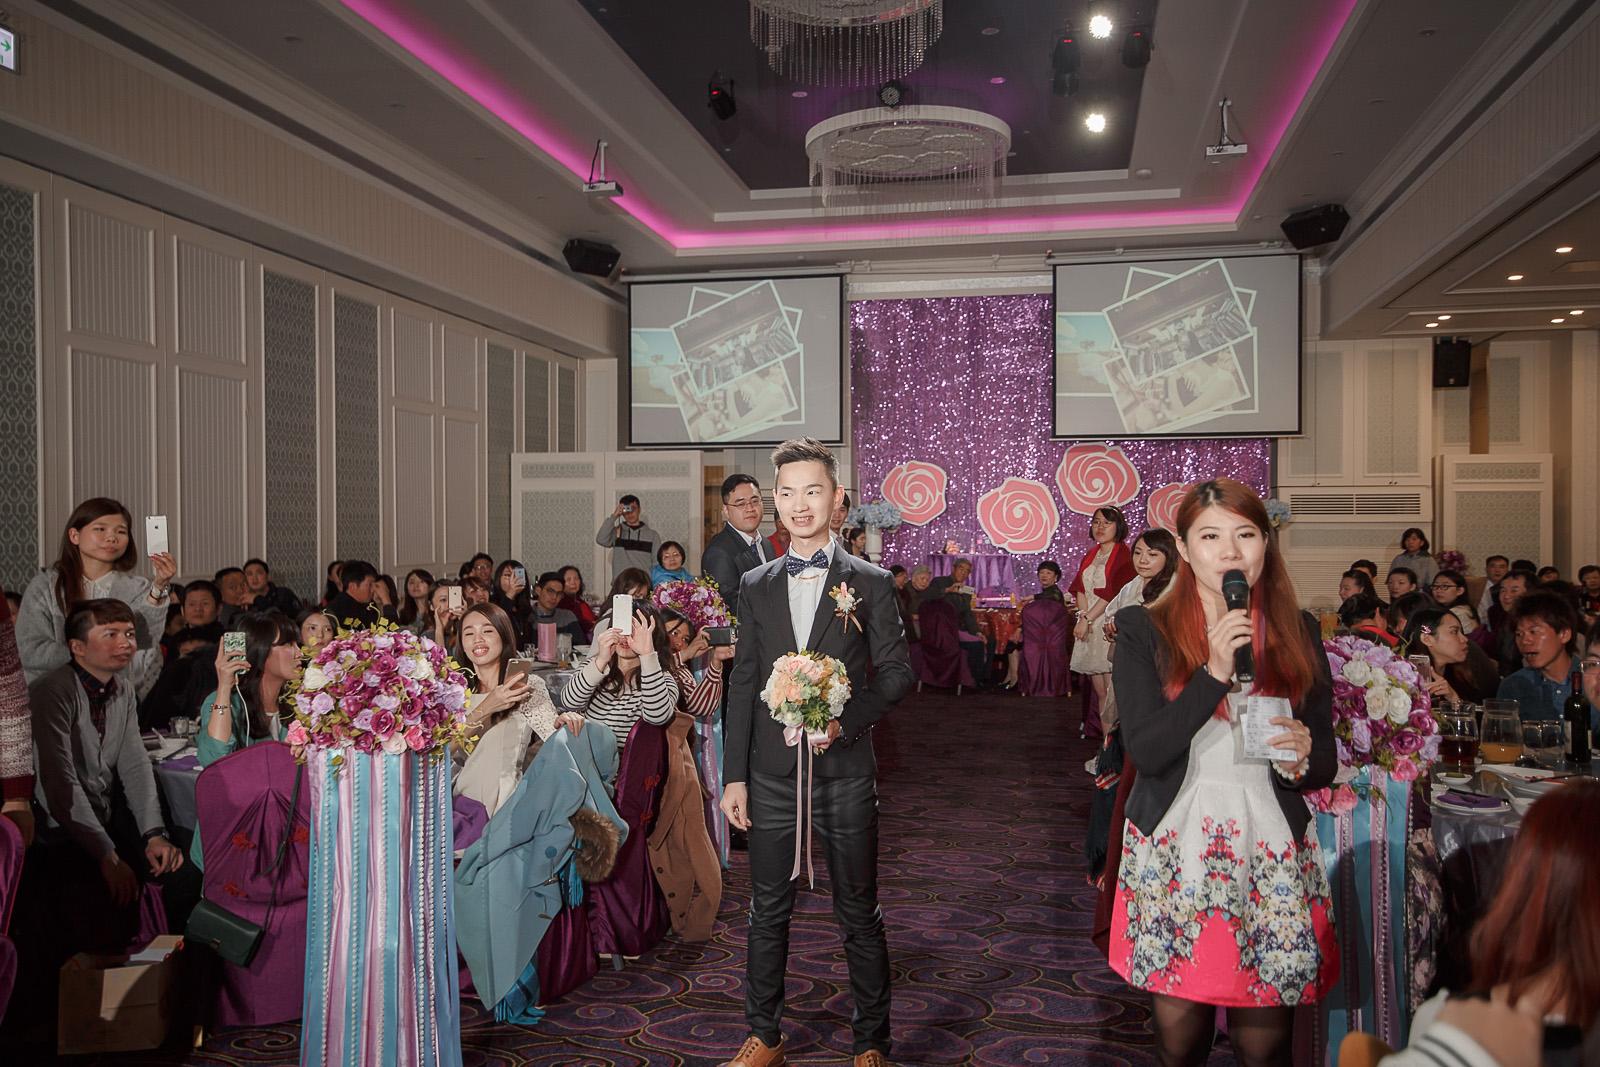 高雄圓山飯店,婚禮攝影,婚攝,高雄婚攝,優質婚攝推薦,Jen&Ethan-240